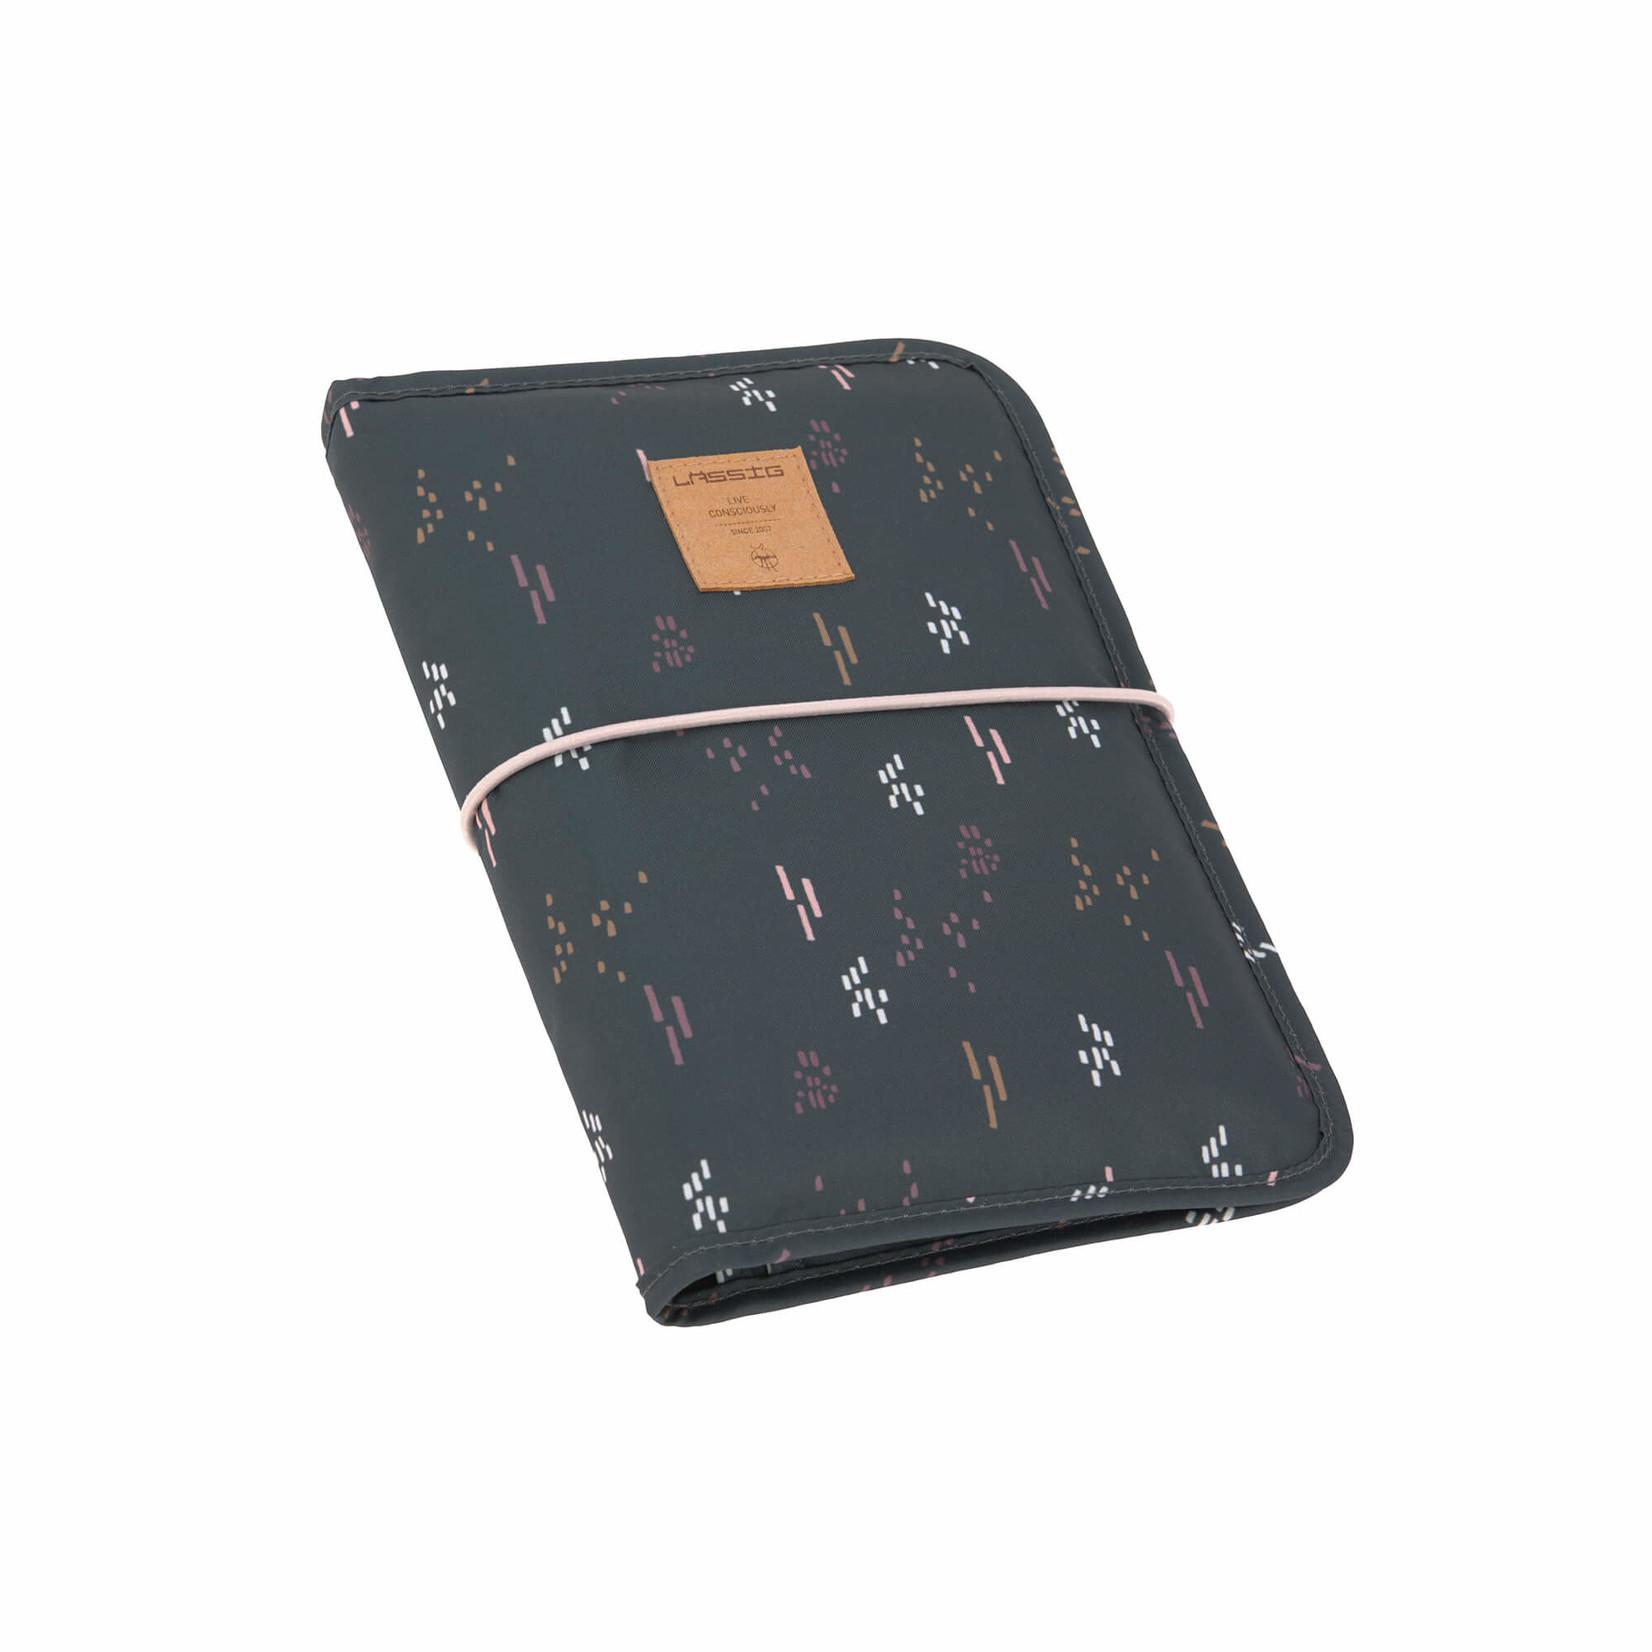 Lässig Fashion Multifunktionale Wickeltasche in grau |Polyester